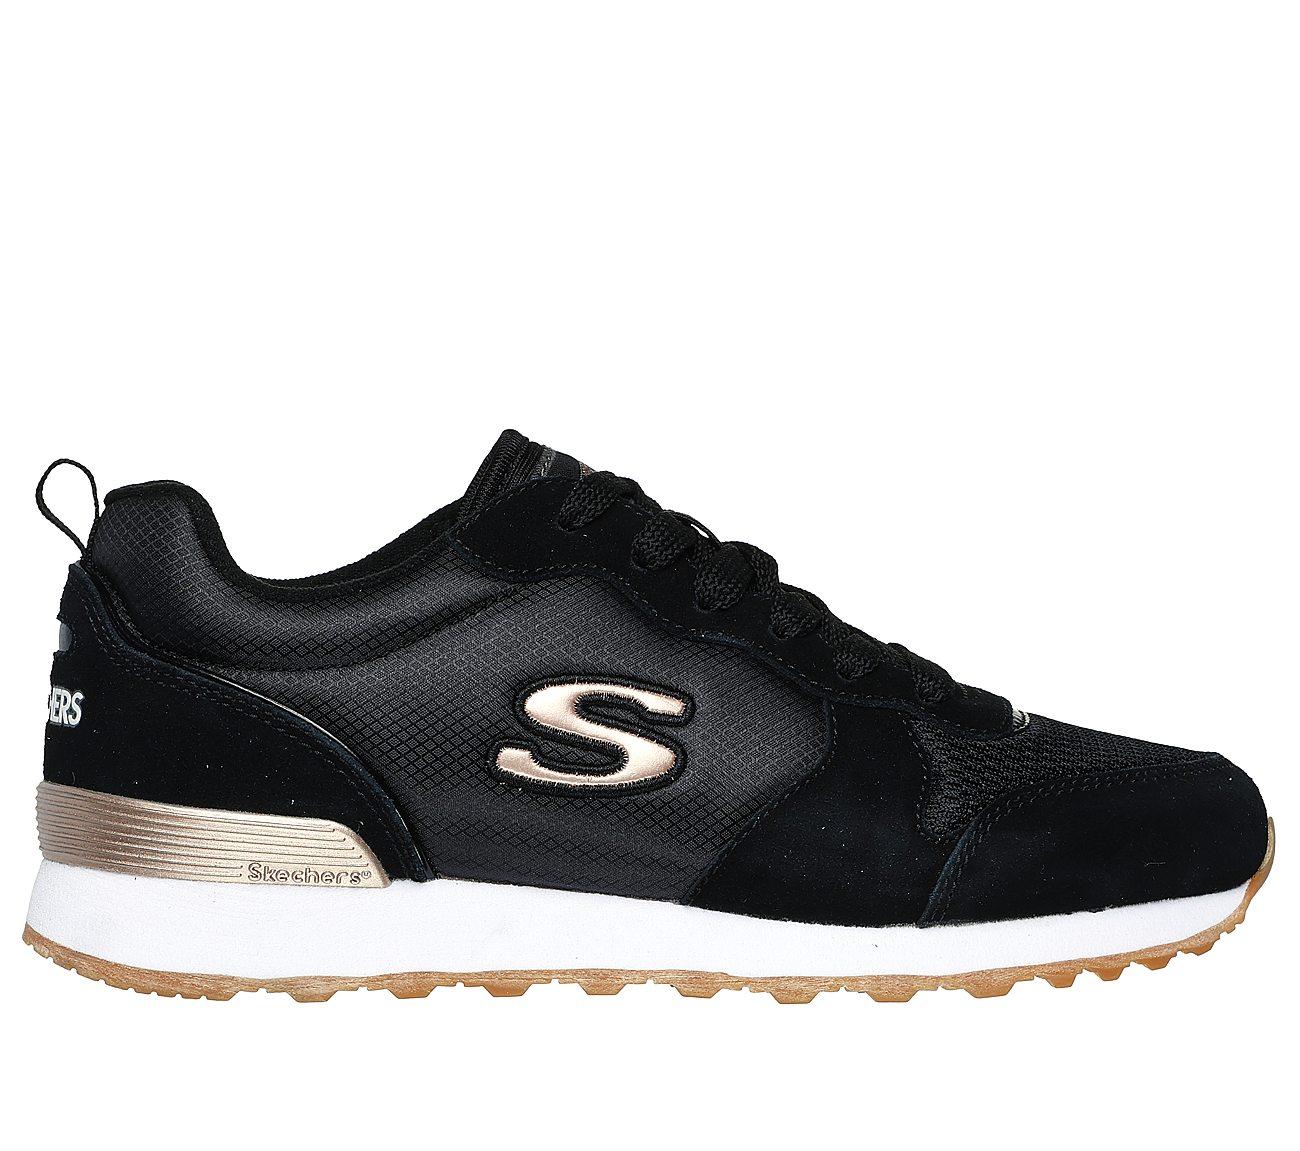 Buy SKECHERS OG 85 - Goldn Gurl SKECHER